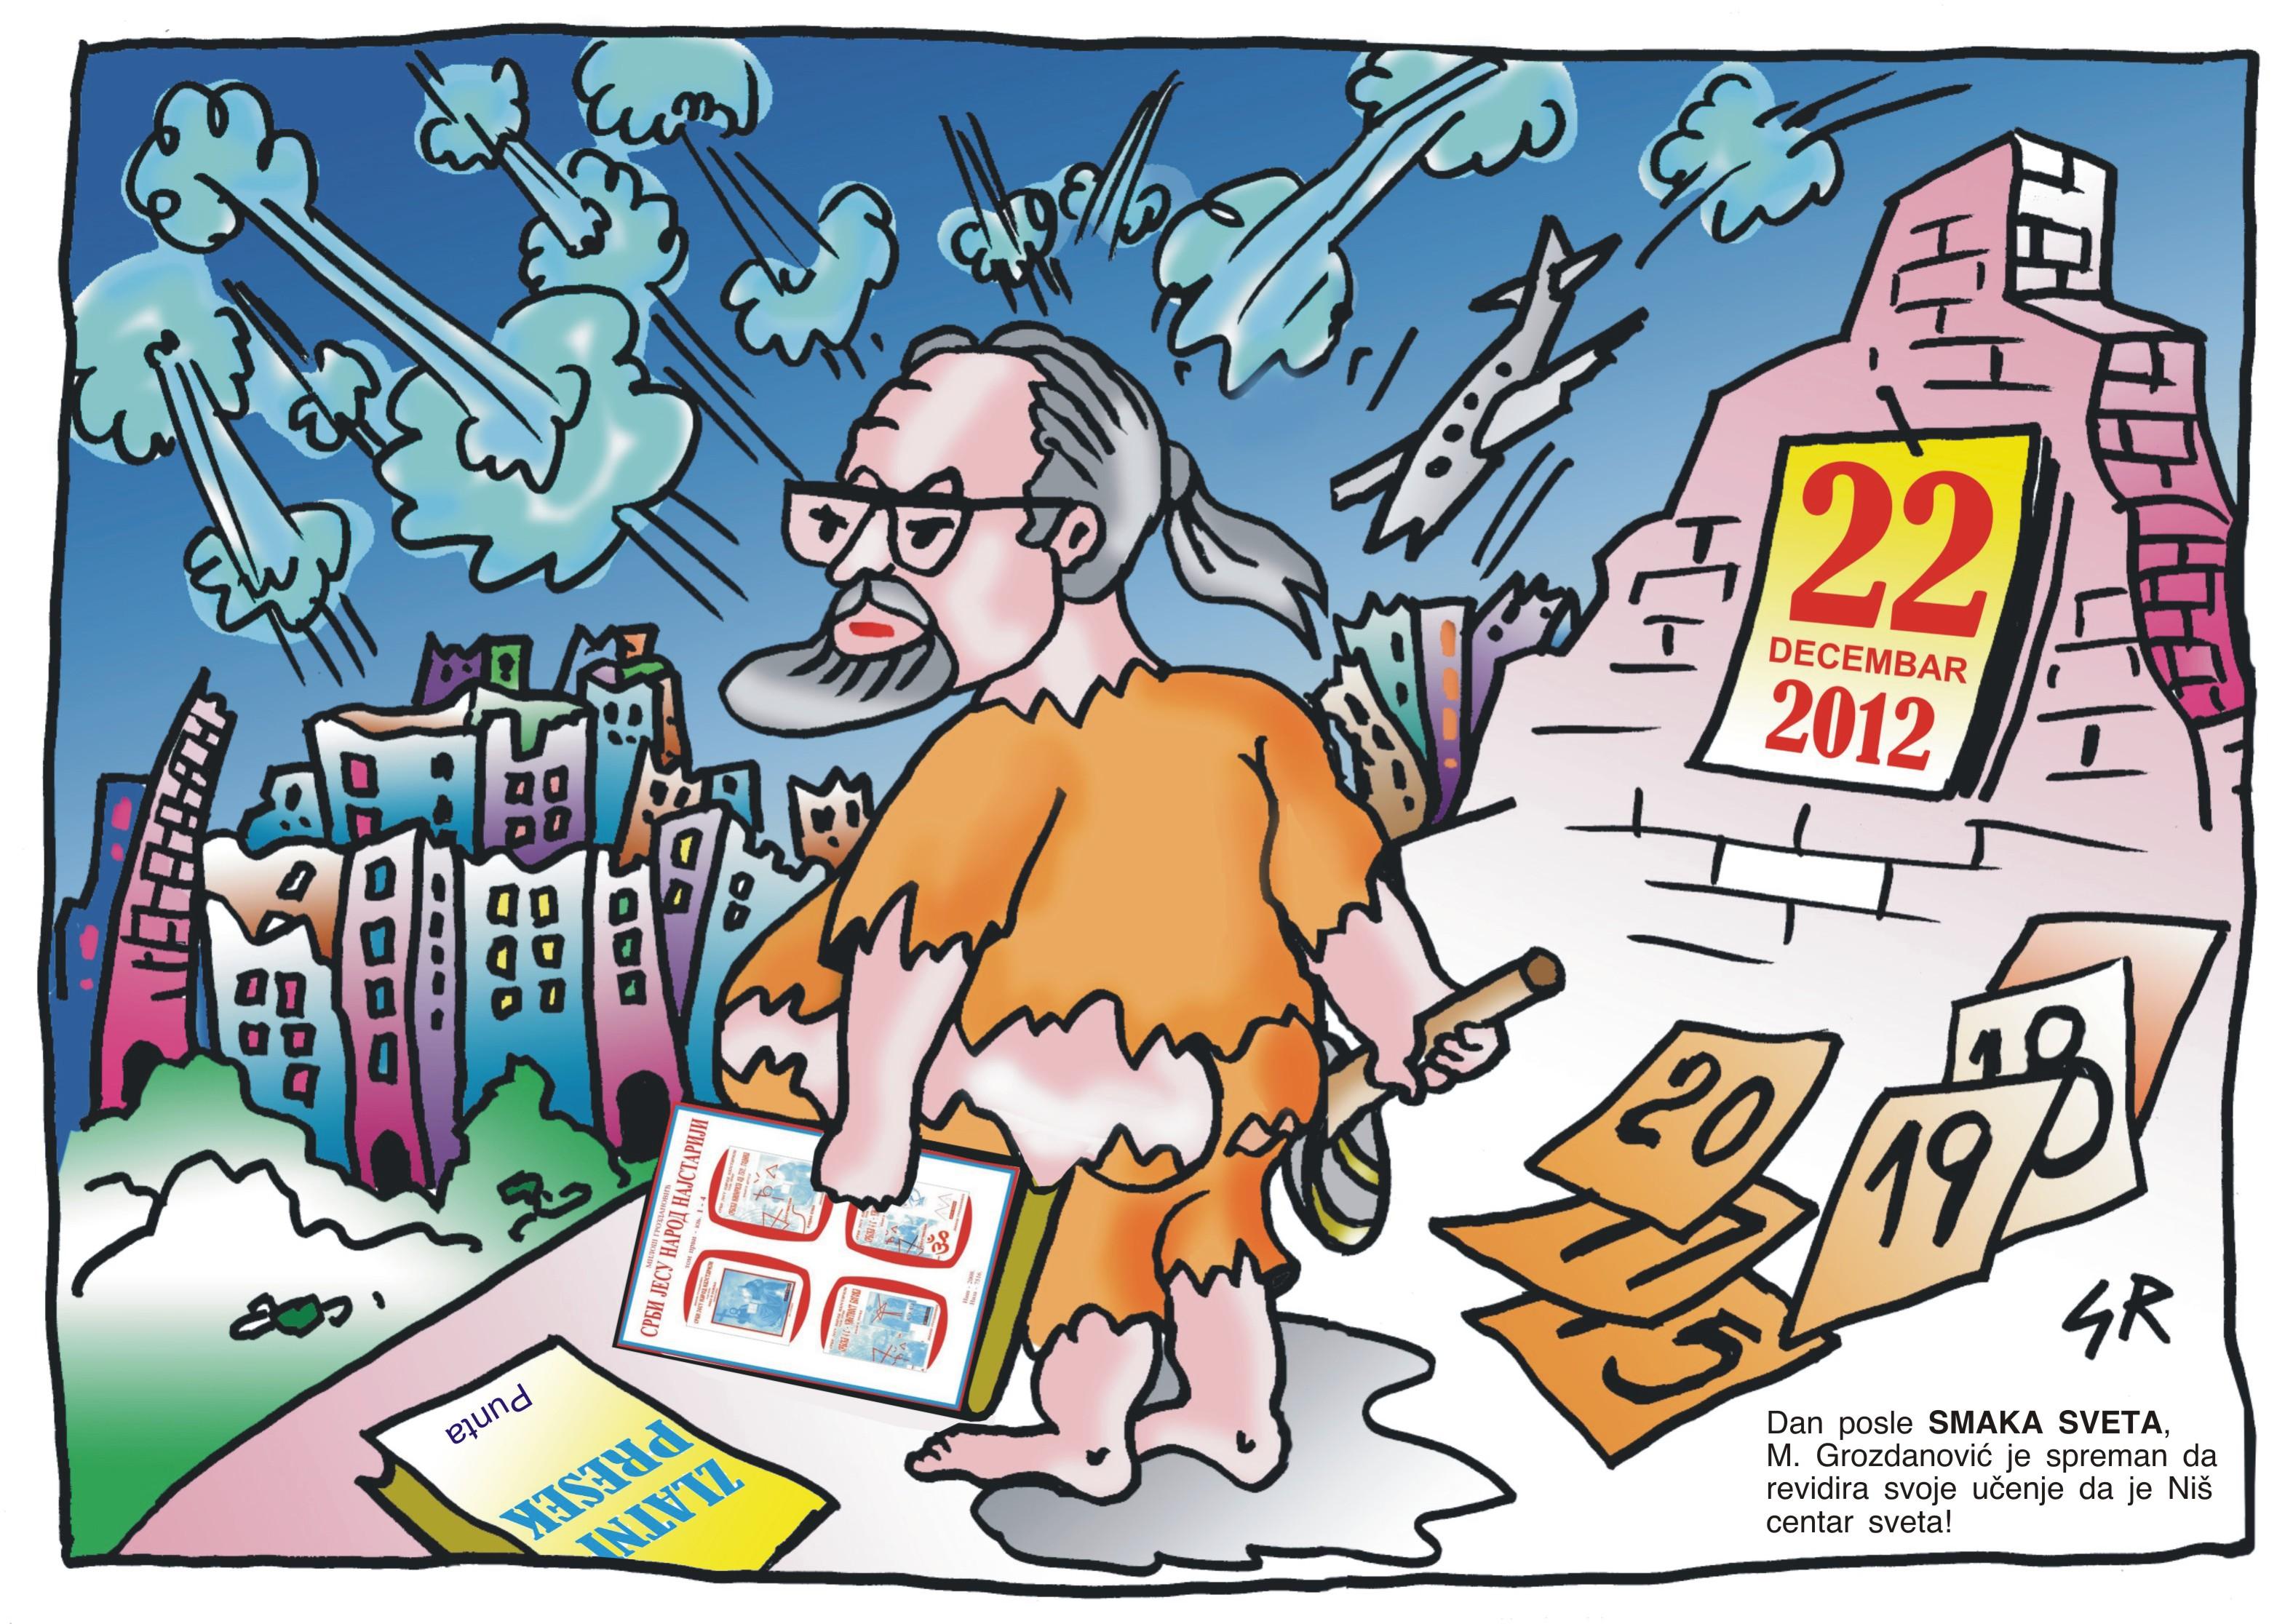 GROZDANOVIC-karikatura-JPG